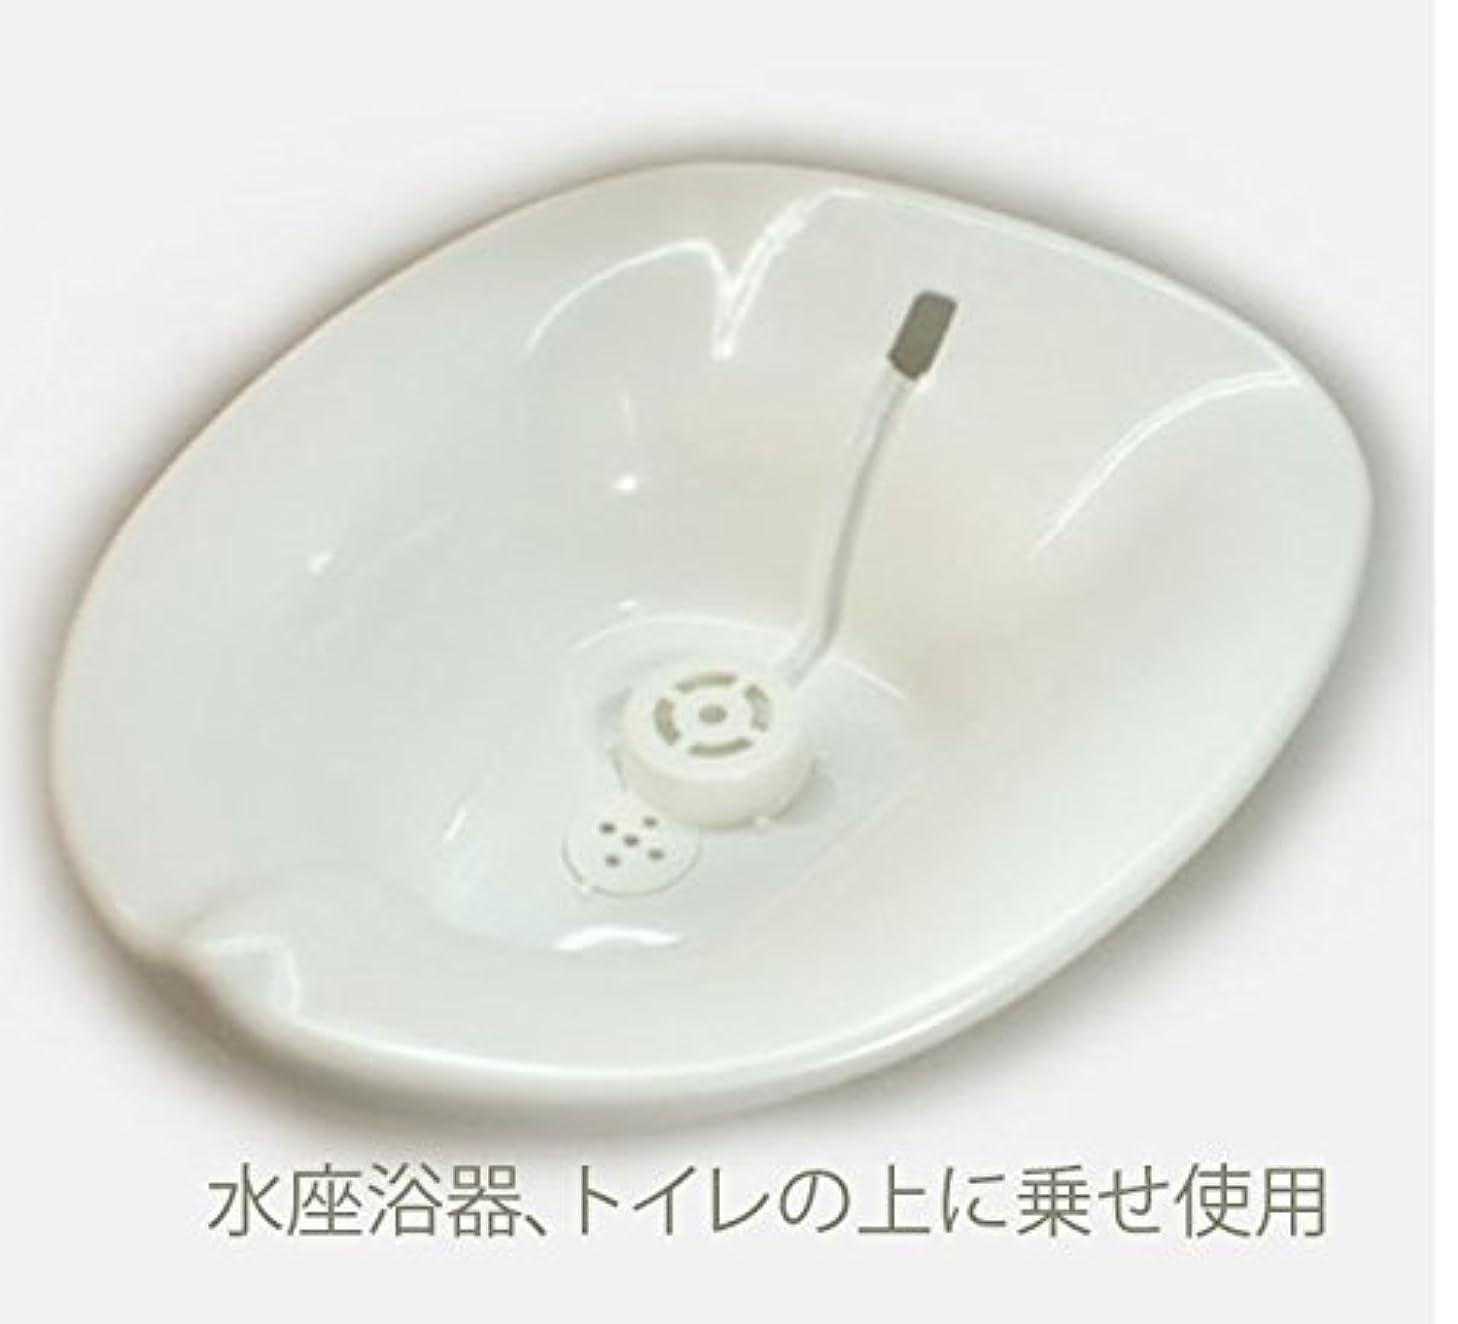 剃る相関する理容室お尻の座浴、、座浴のため、軟らかいトイレの水座浴用器、現在は色は白です